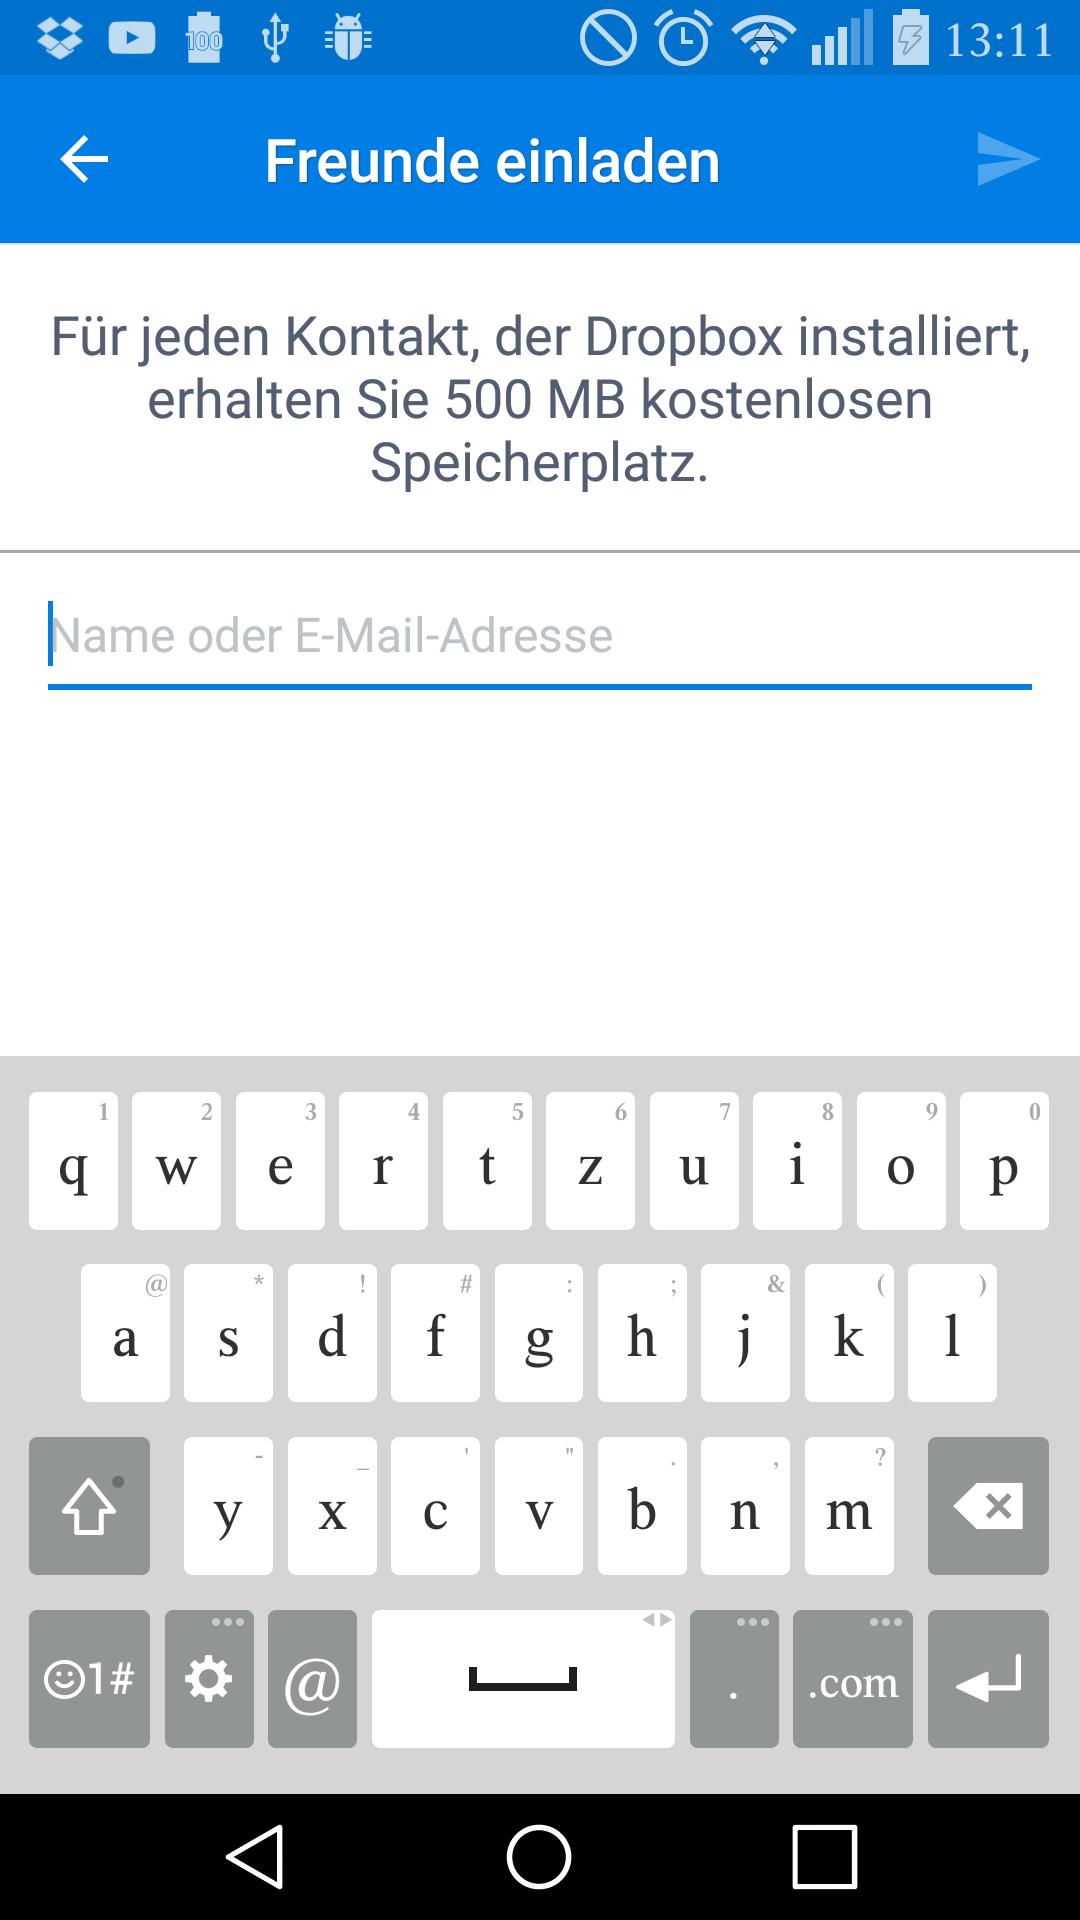 7 tipps für die dropbox-app für android und ios, Einladung